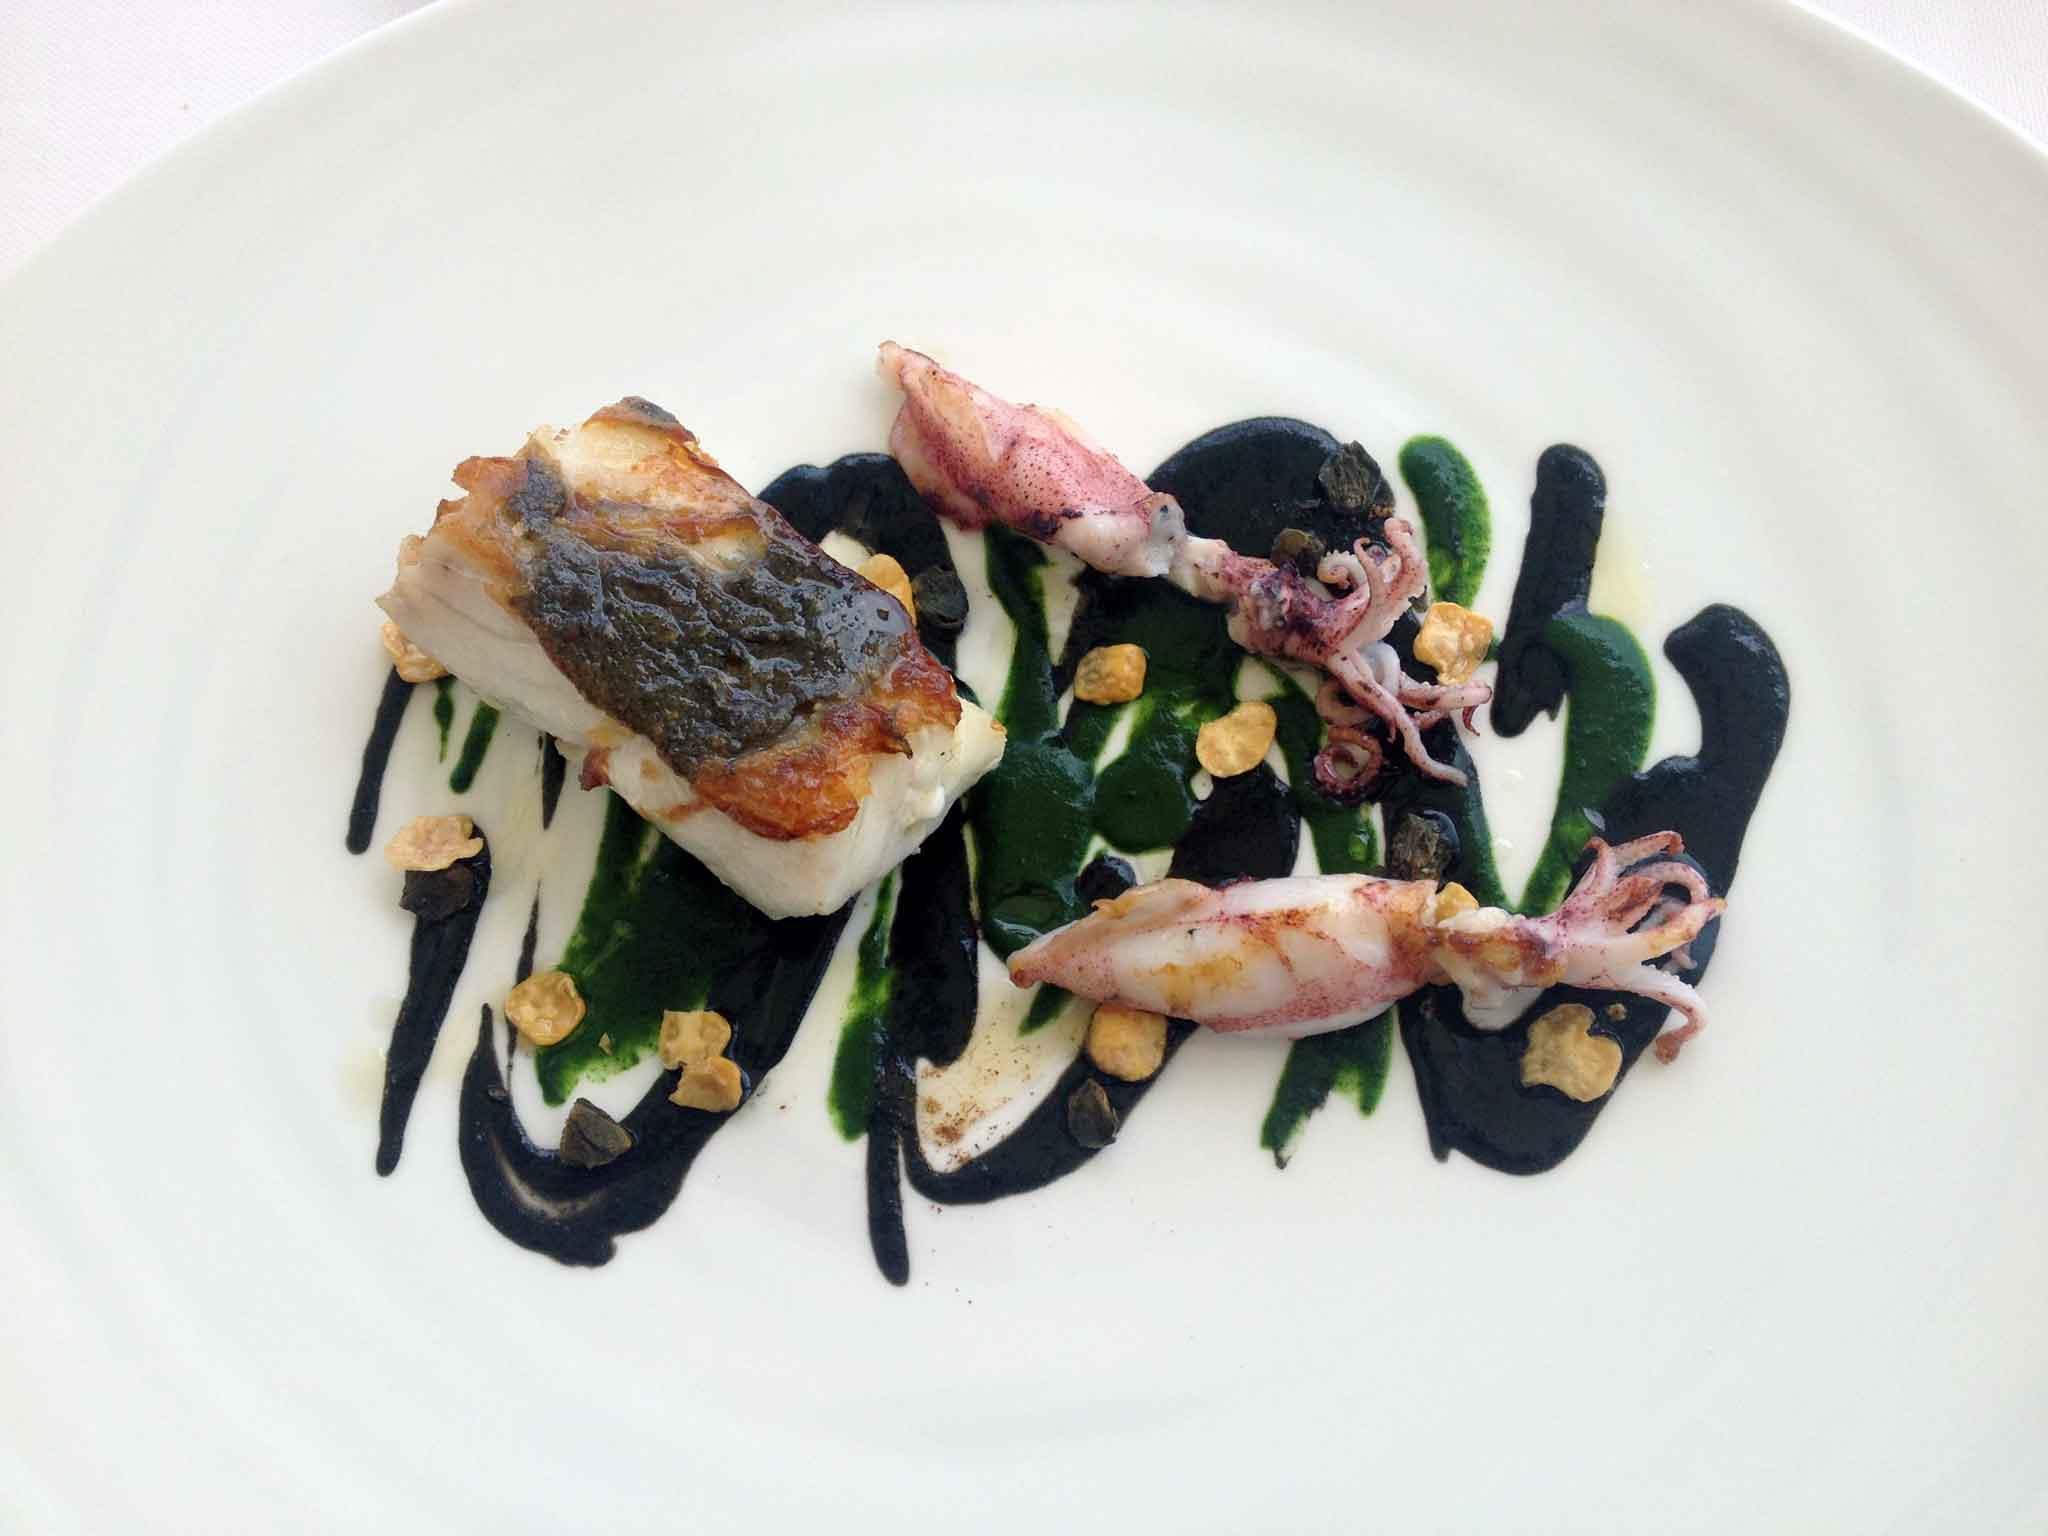 6-migliore-ristorante-di-lusso-tripadvisor-uliassi